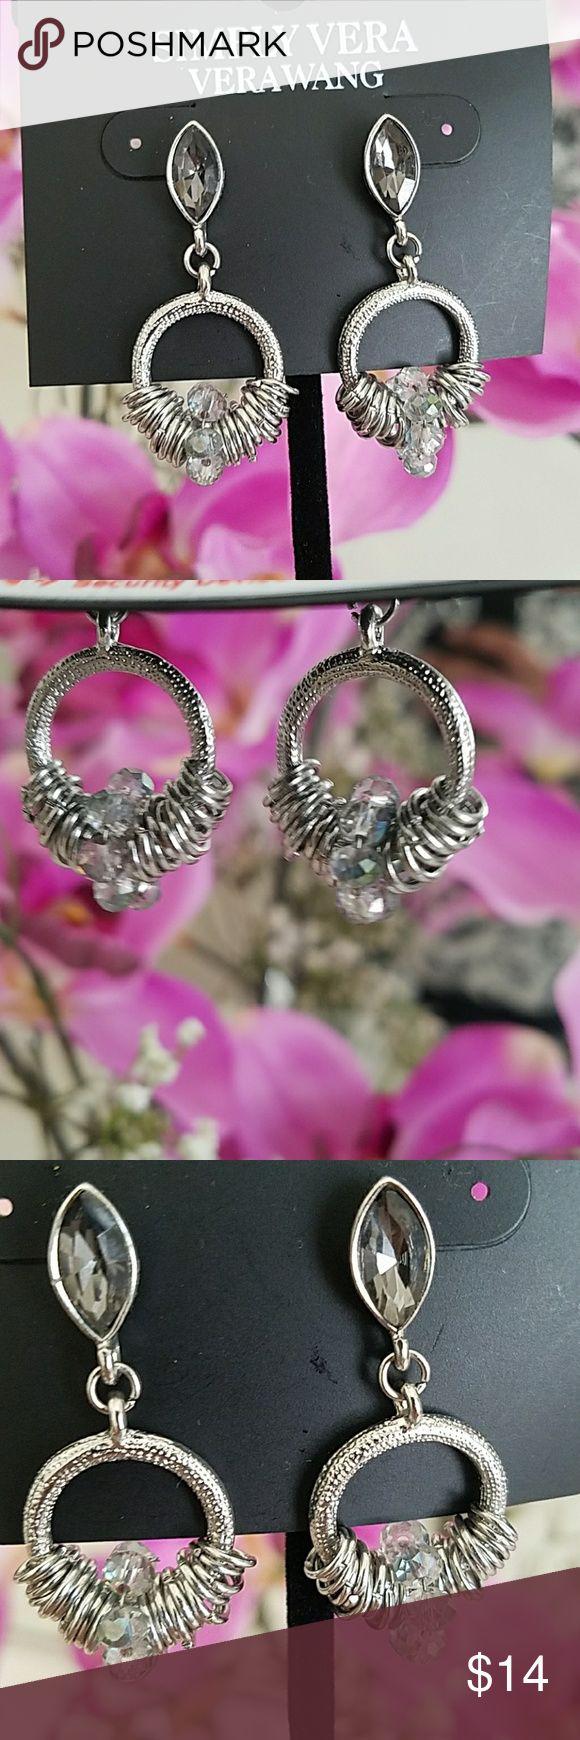 Simply Vera Vera Wang Earrings Beautiful brand new with tag Simply Vera Vera Wang Earrings. No damages. Silver with clear crystal balls. Simply Vera Vera Wang Jewelry Earrings